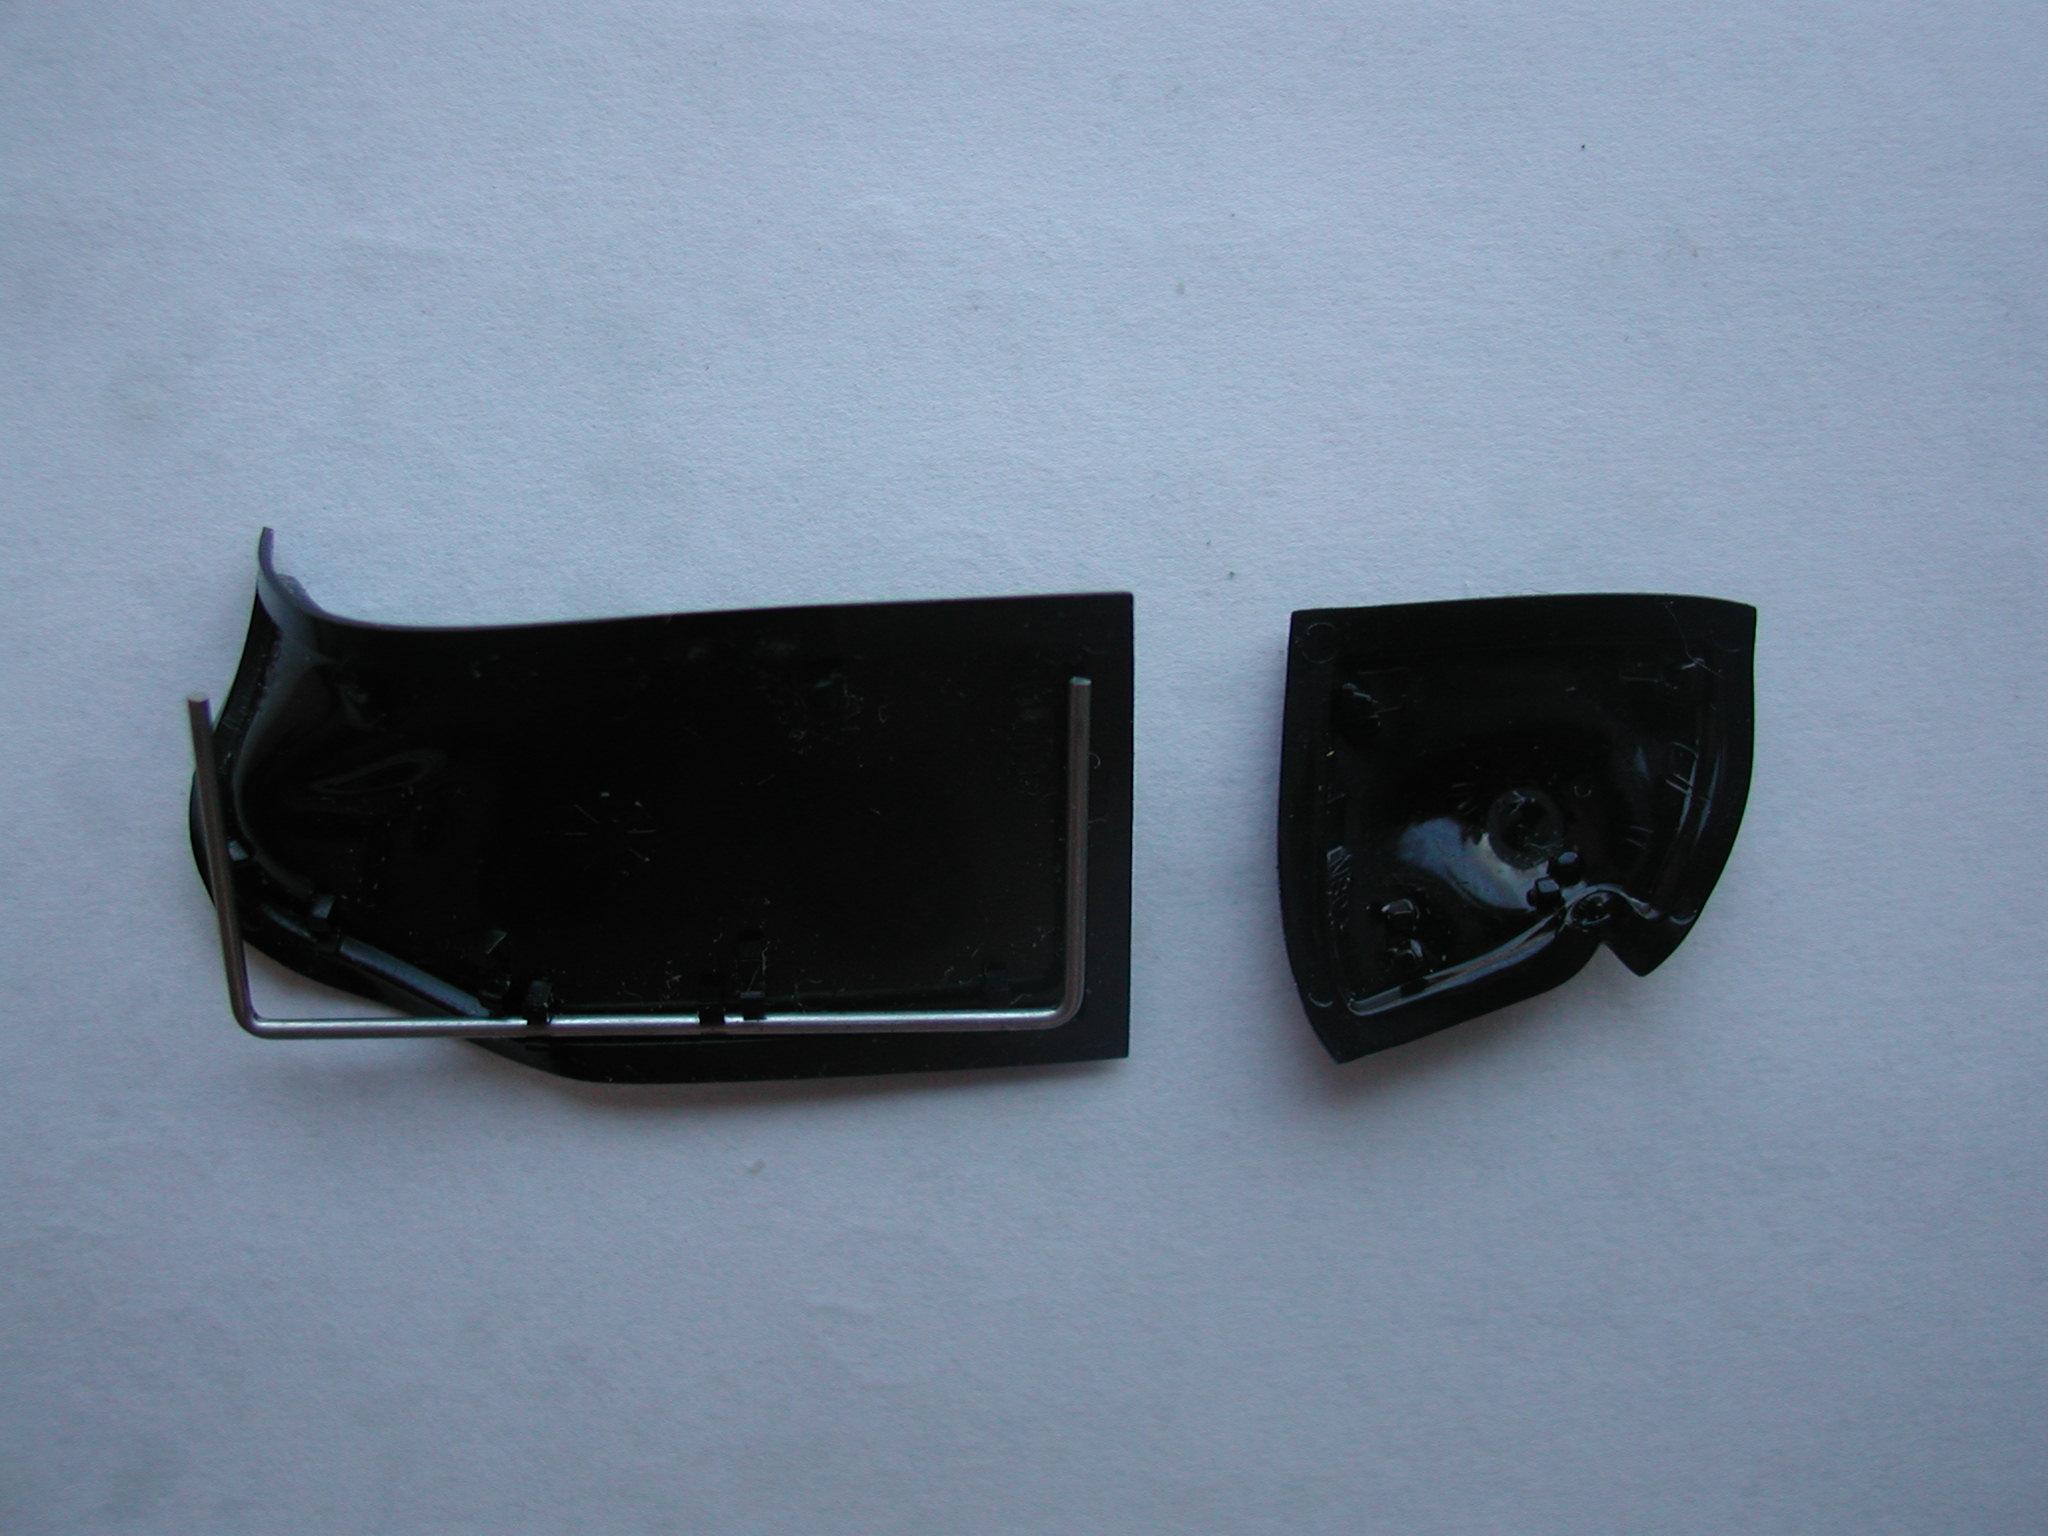 [Kupi�] Czarne klawisze do HP CQ56